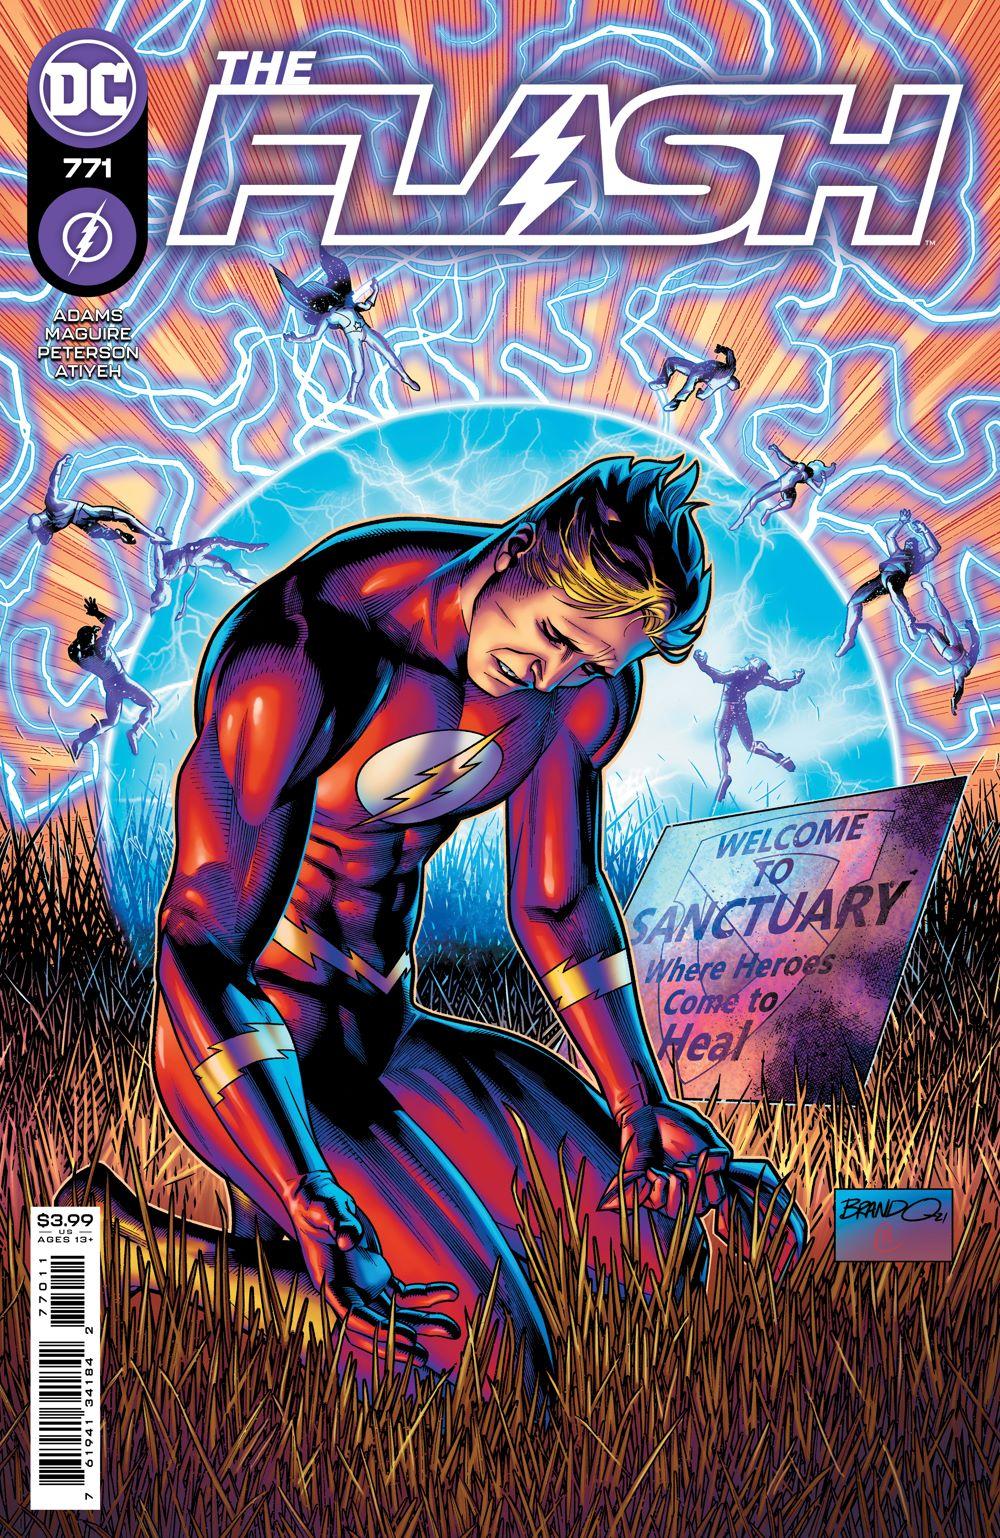 THEFLASH_Cv771 DC Comics June 2021 Solicitations